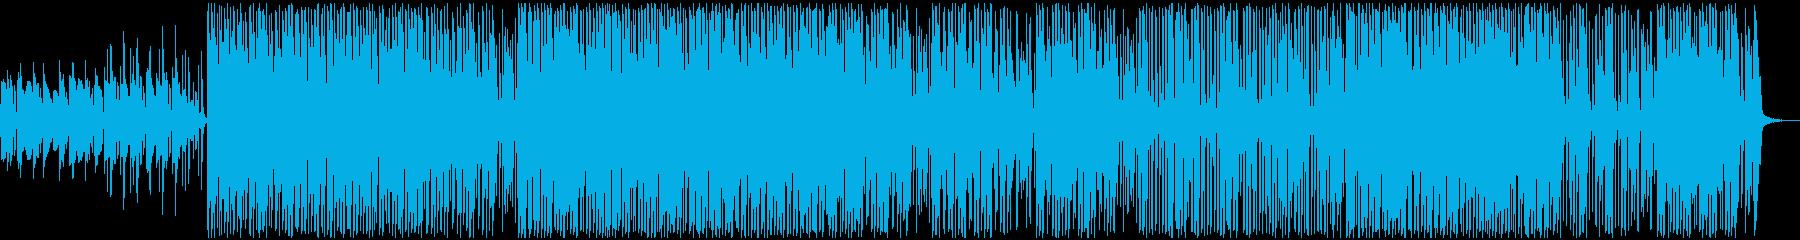 ラテン ジャズ フュージョン ファ...の再生済みの波形